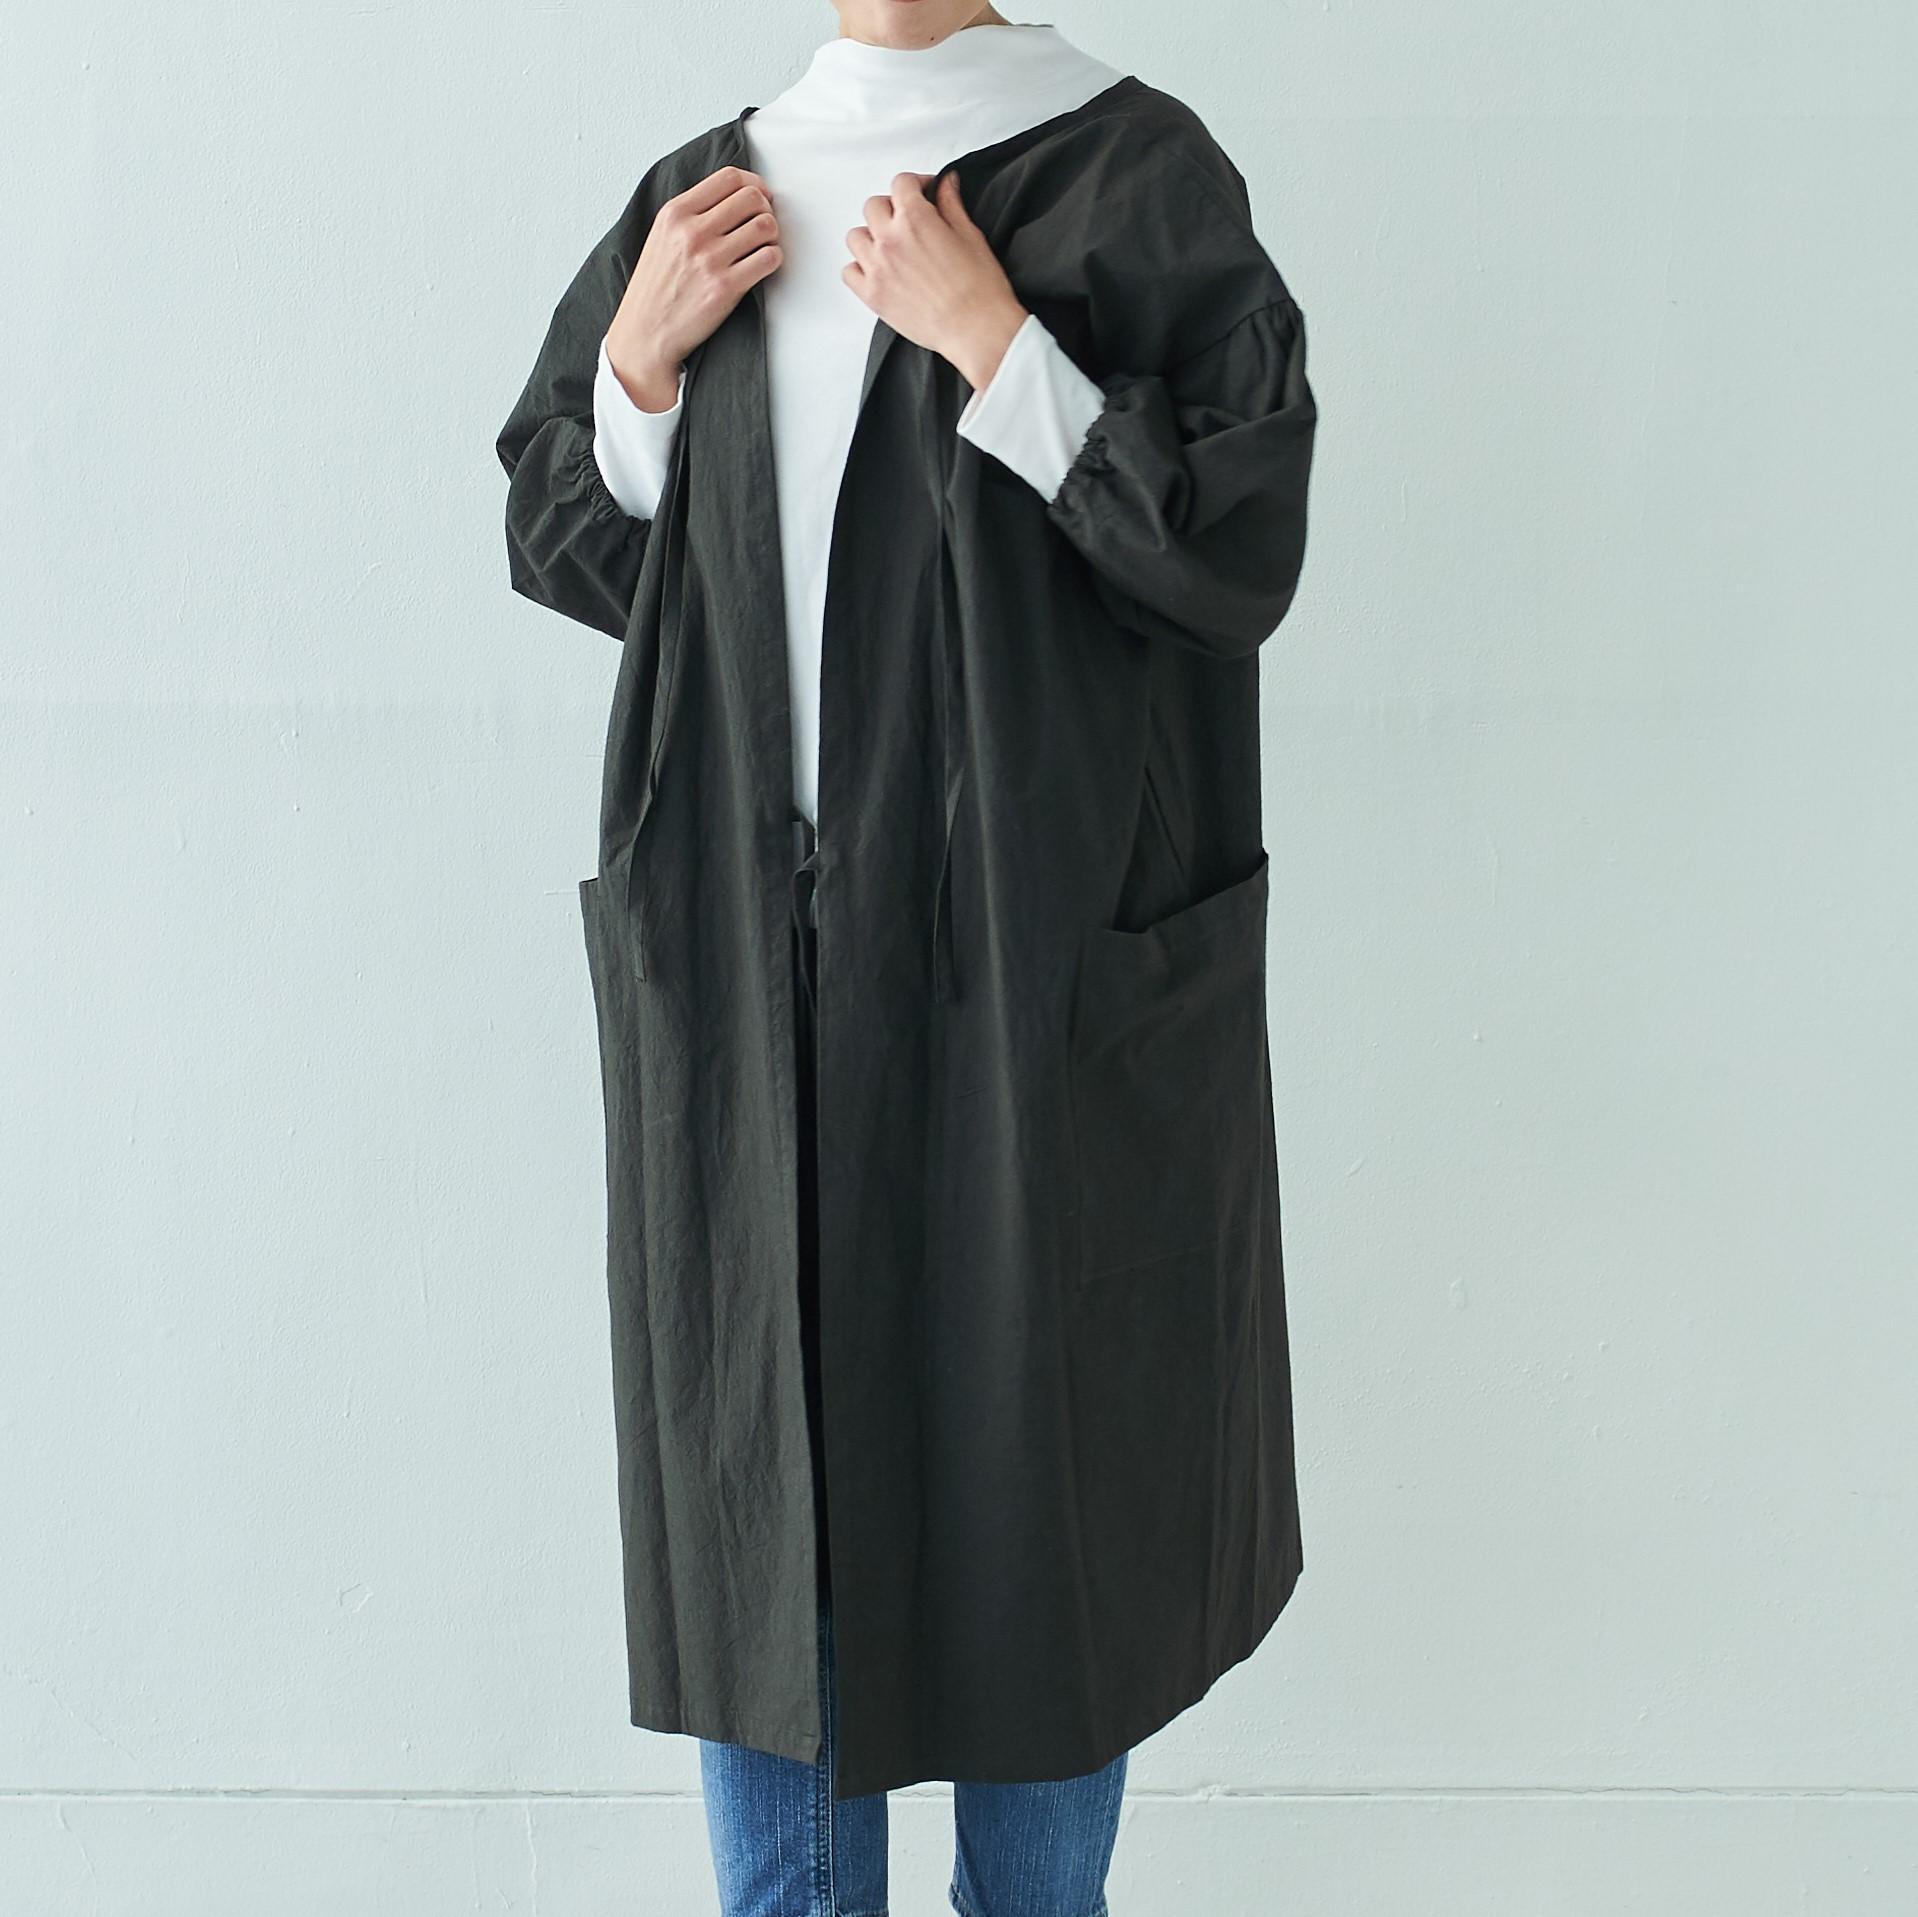 エプロンコート apron coat / コットン cotton